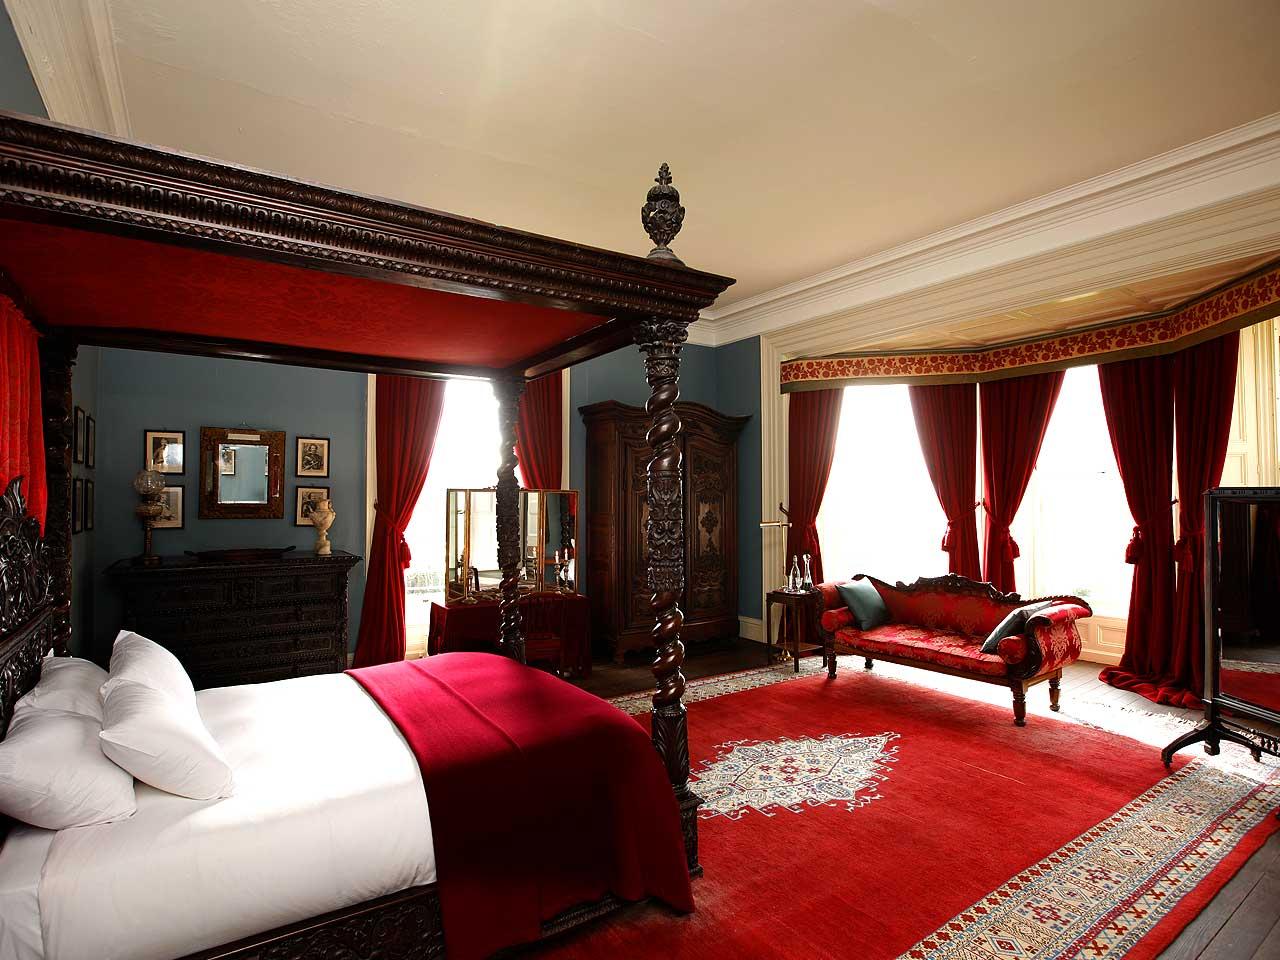 10 Most Popular Master Bedroom Designs for 2014 - Qnud